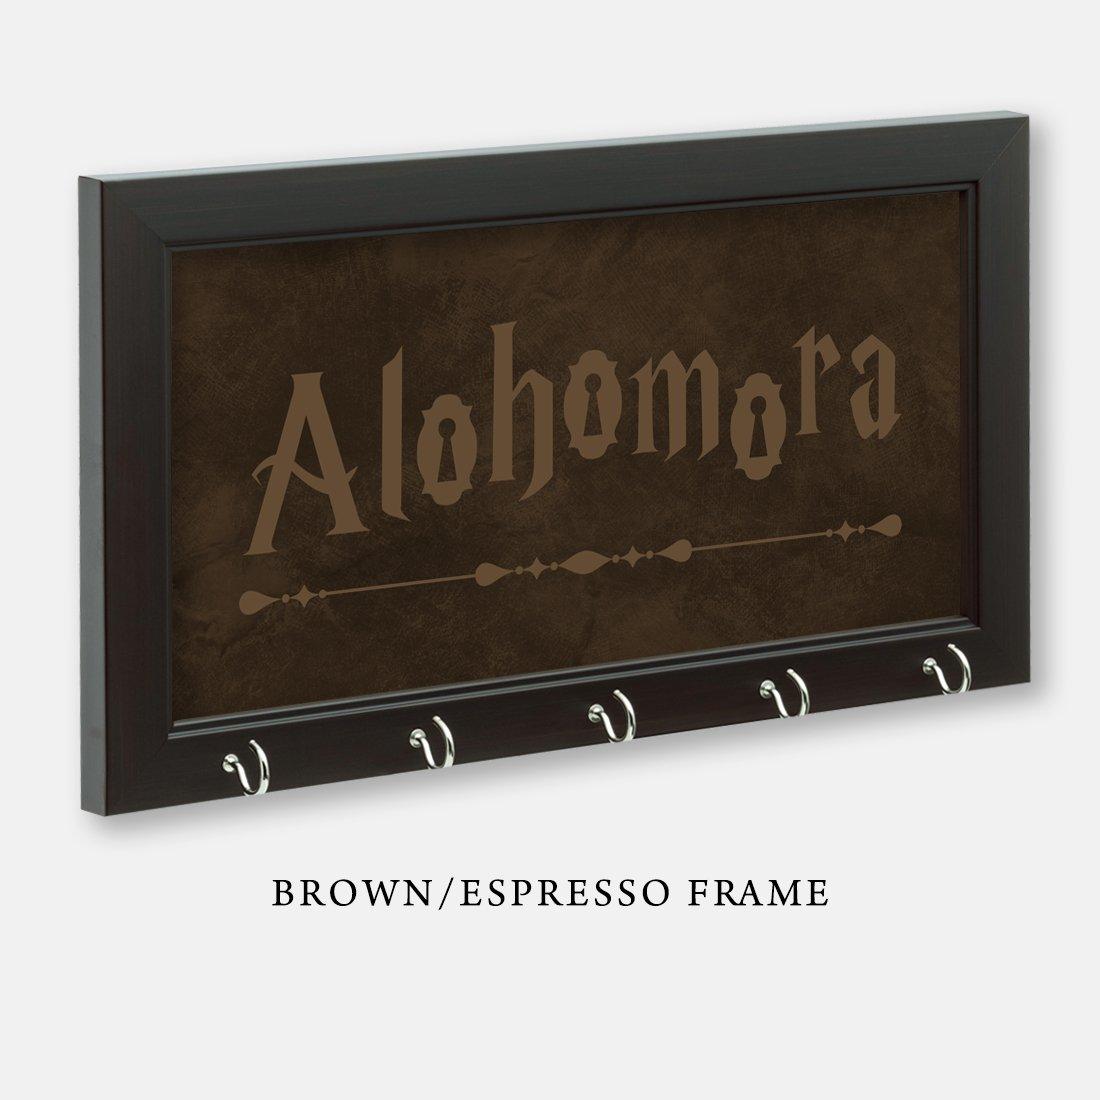 Harry Potter Inspired Alohomora Key Holder, Brown/Espresso Frame, 11-1/2